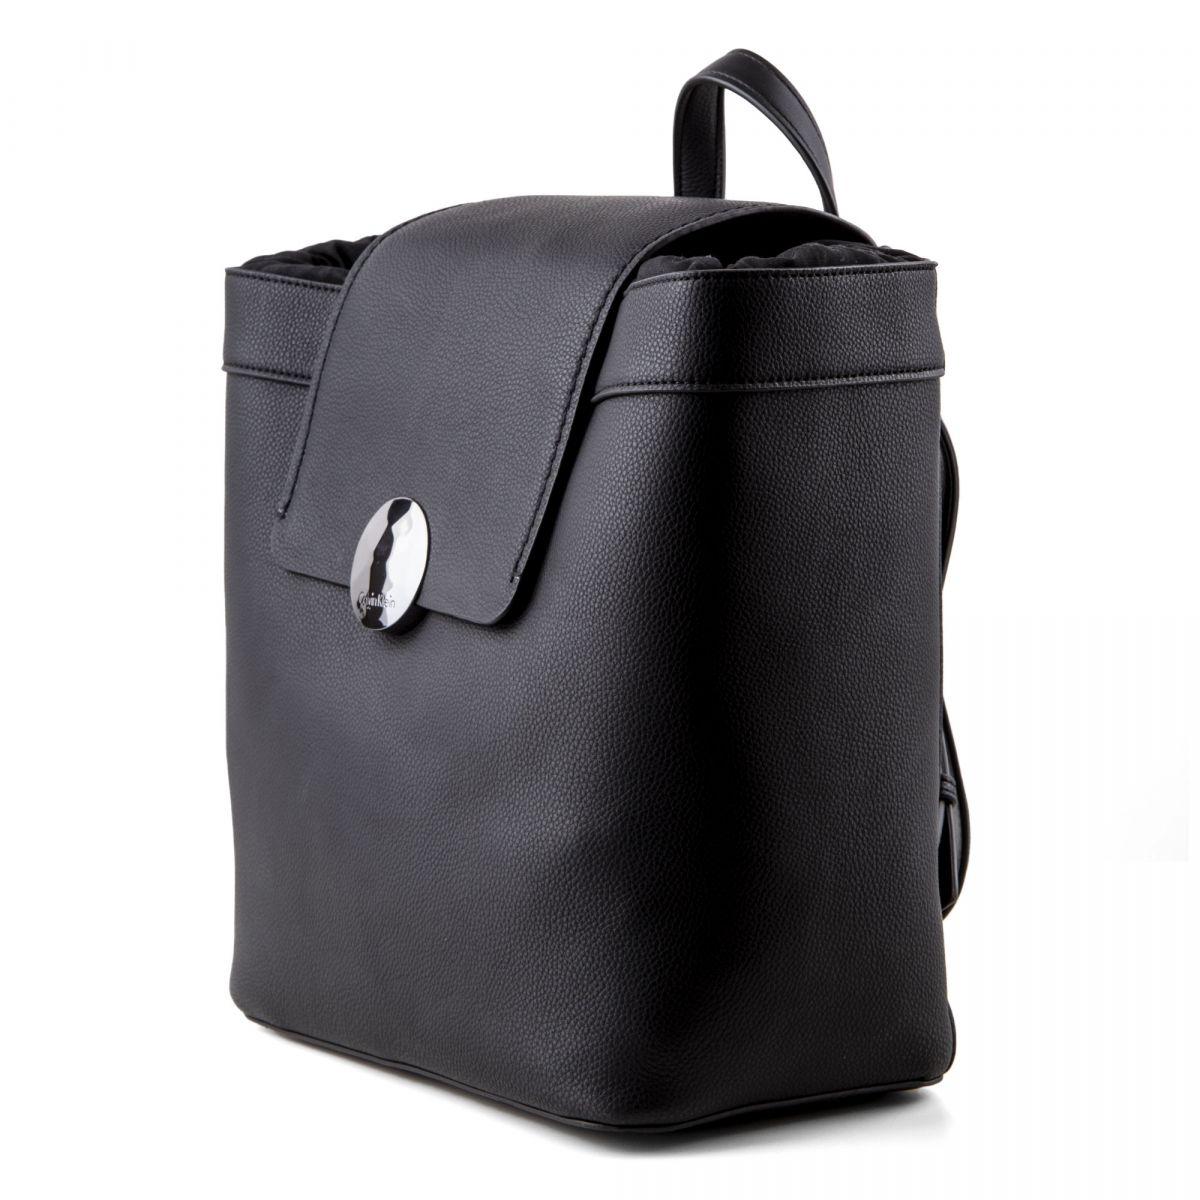 sac dos femme calvin klein prix d griff. Black Bedroom Furniture Sets. Home Design Ideas